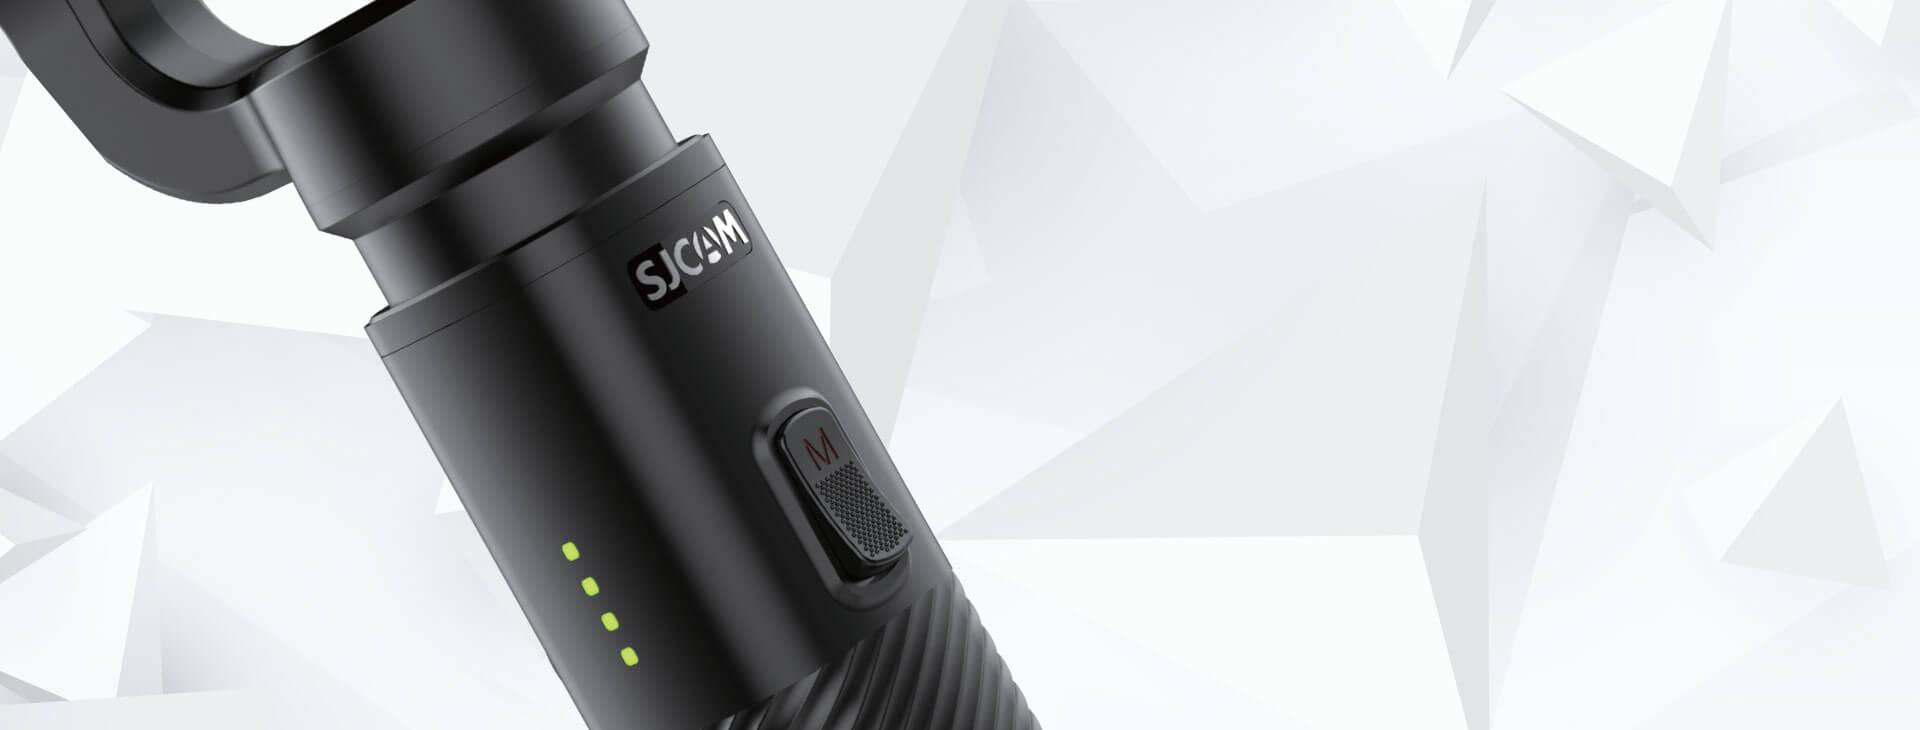 優れた耐久性 カメラへの給電も可能